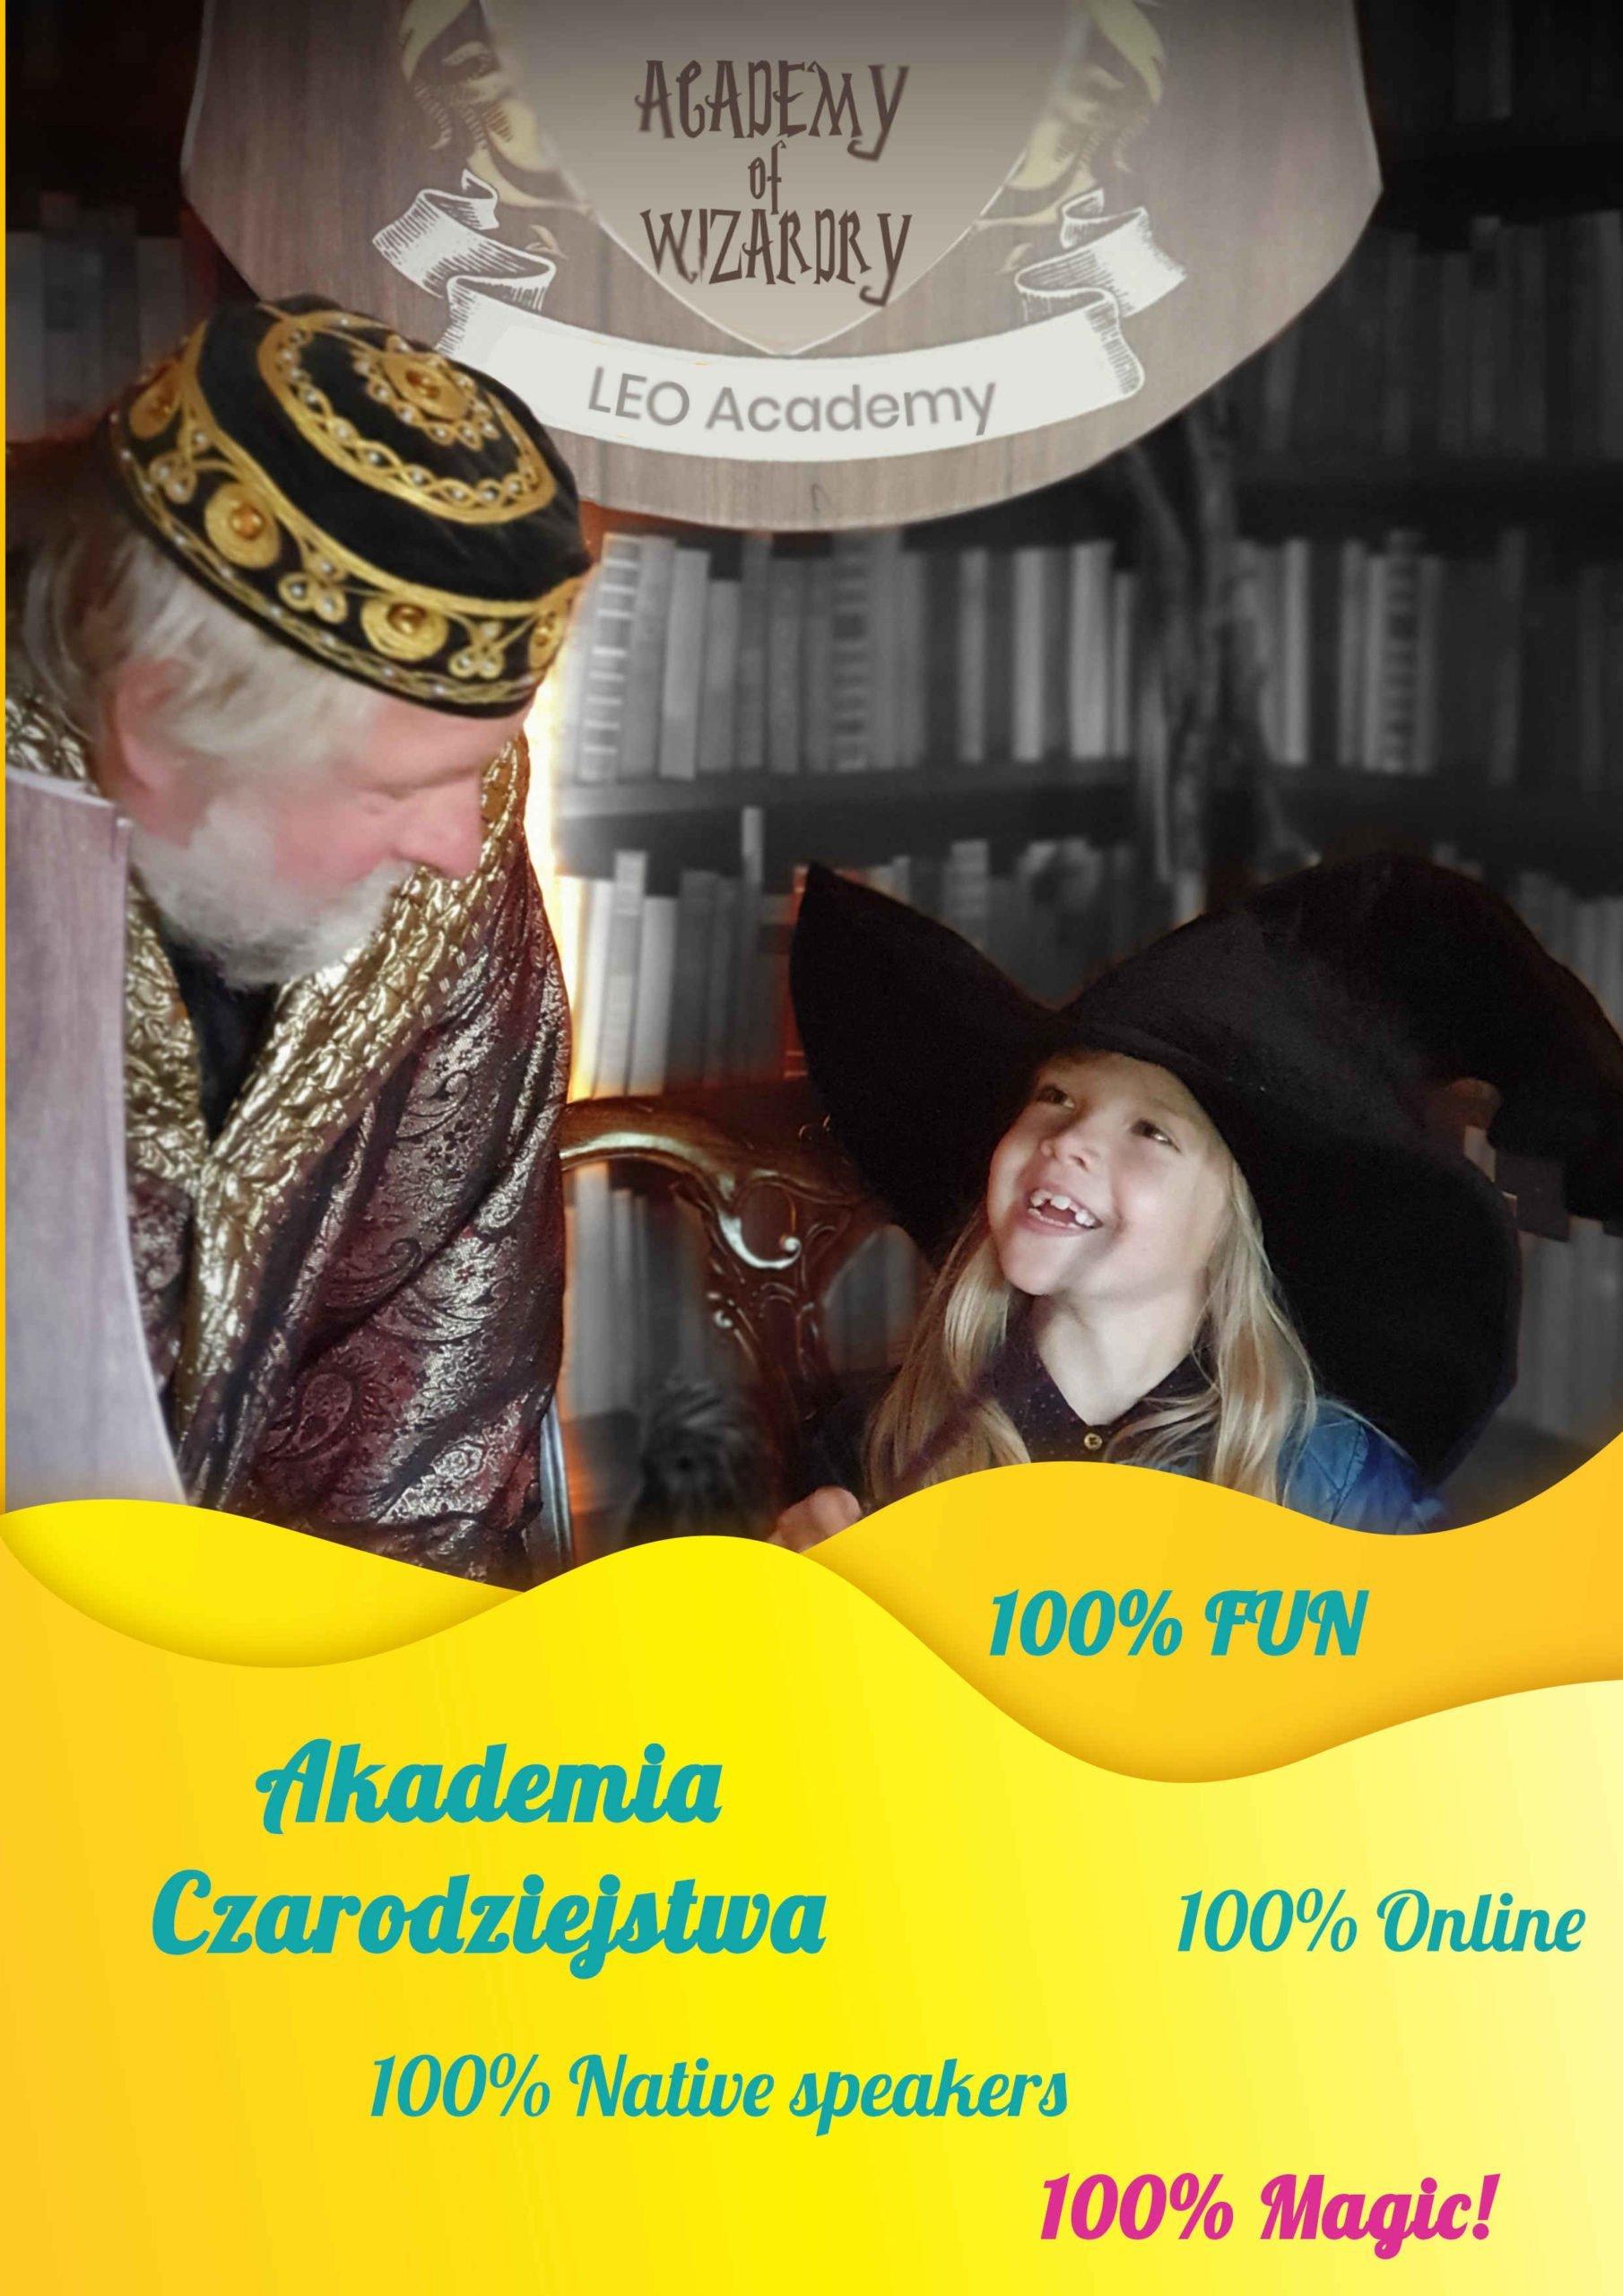 akademia-czarodziejstwa-scaled